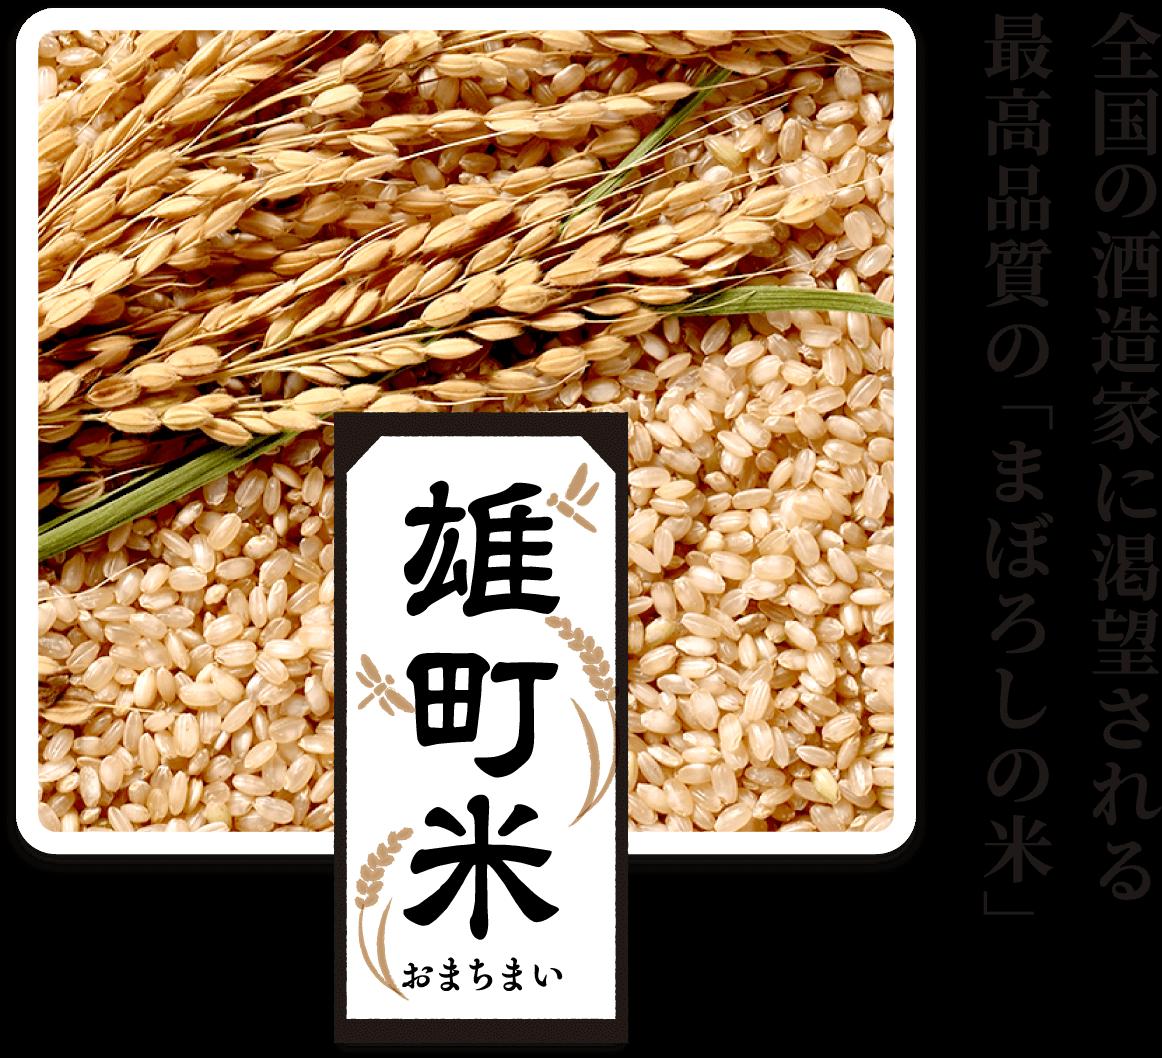 -雄町米-全国の酒造家に渇望される 最高品質の「まぼろしの米」